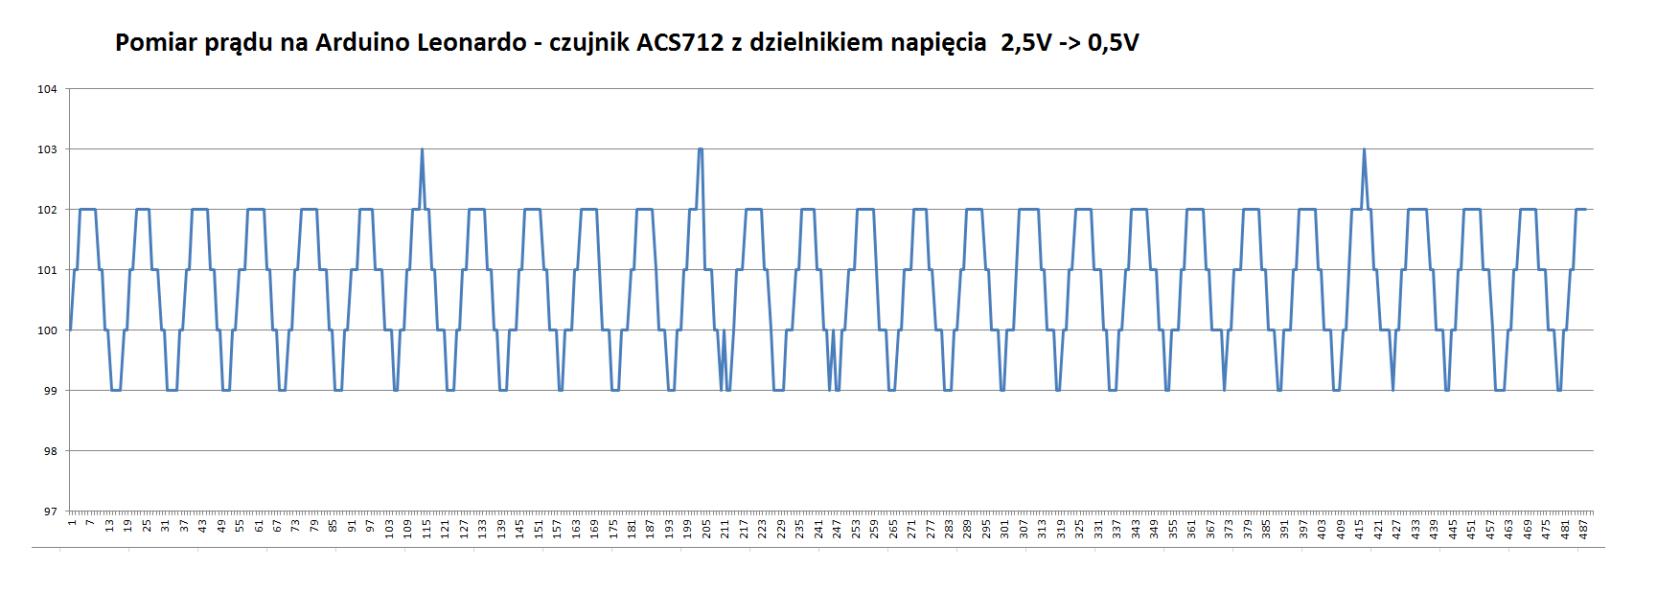 Pomiar prądu zmiennego z gniazdka (230v) czujnikiem acs712